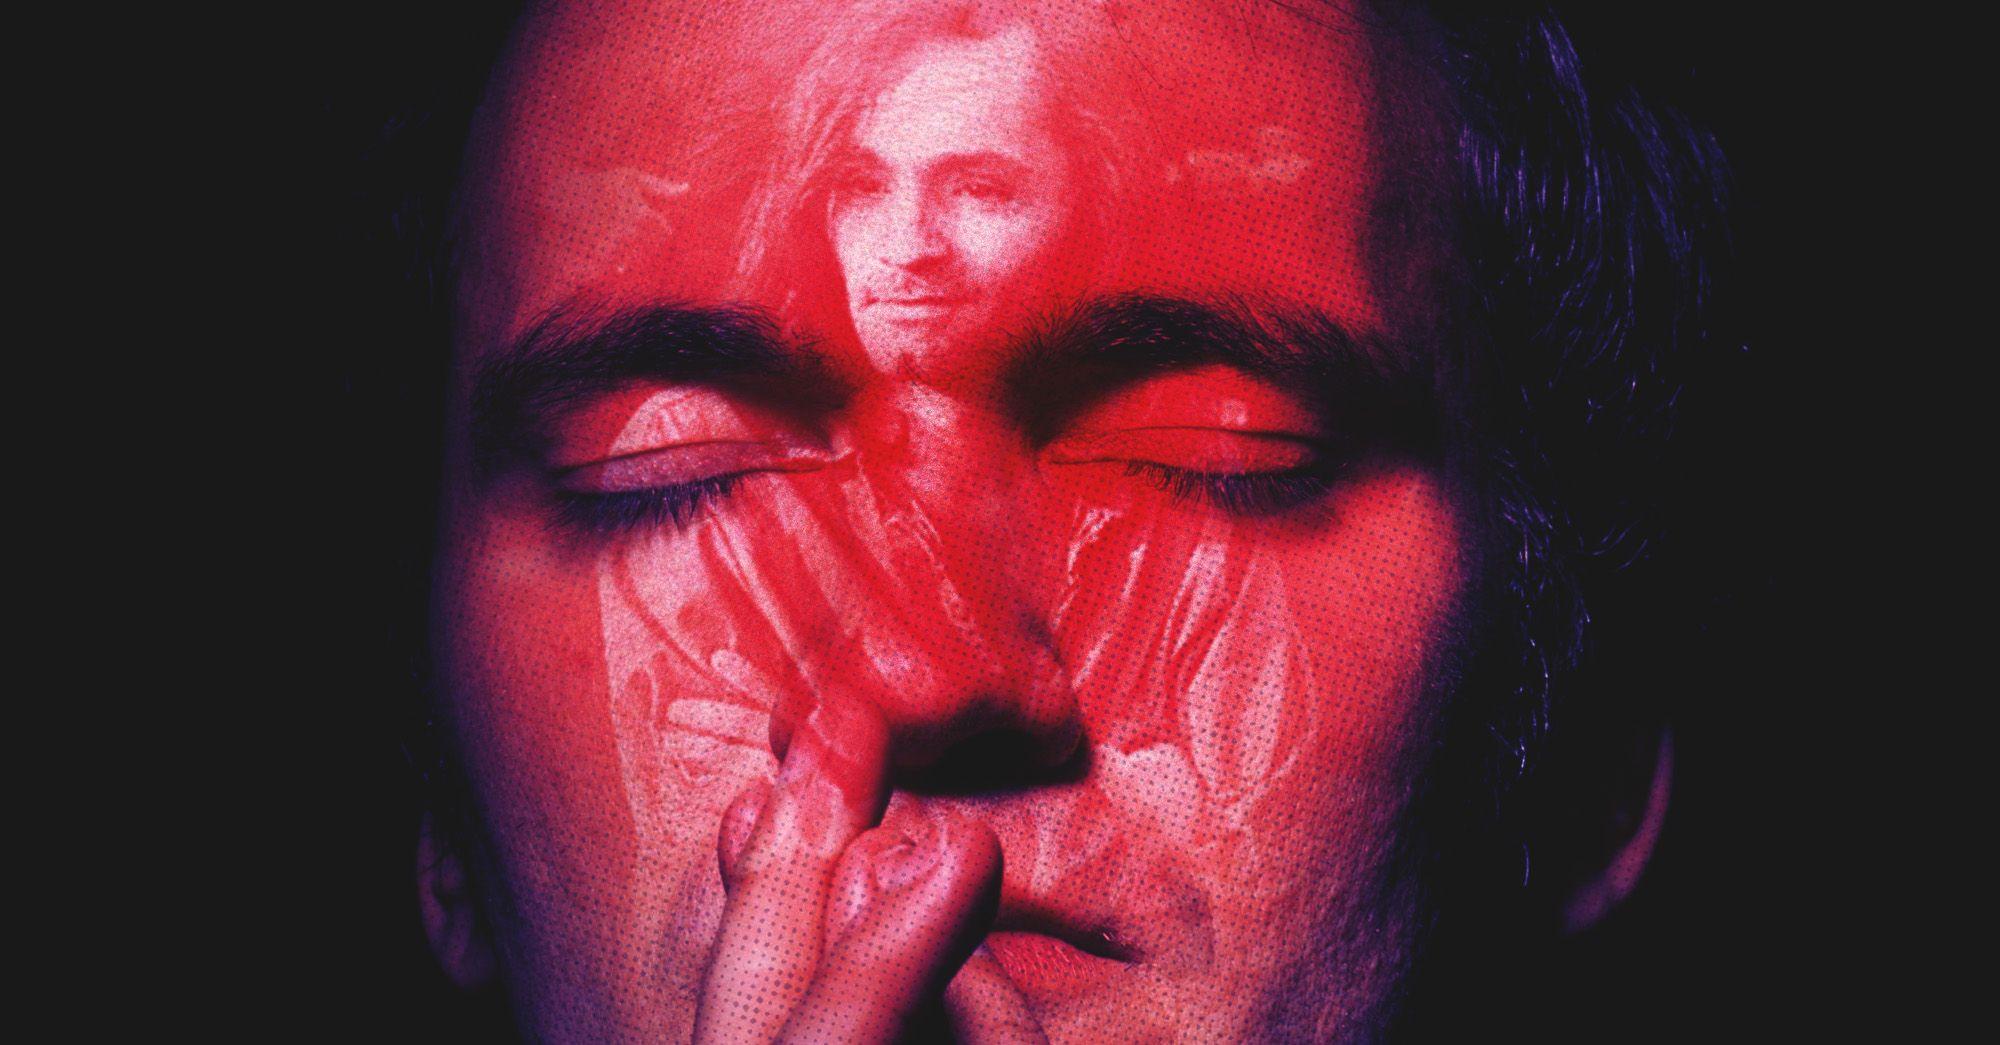 Lo que más nos intriga es cómo Tarantino tratará el tema del asesinato de Sharon Tate, actriz que era la esposa de su colega Roman Polanski.